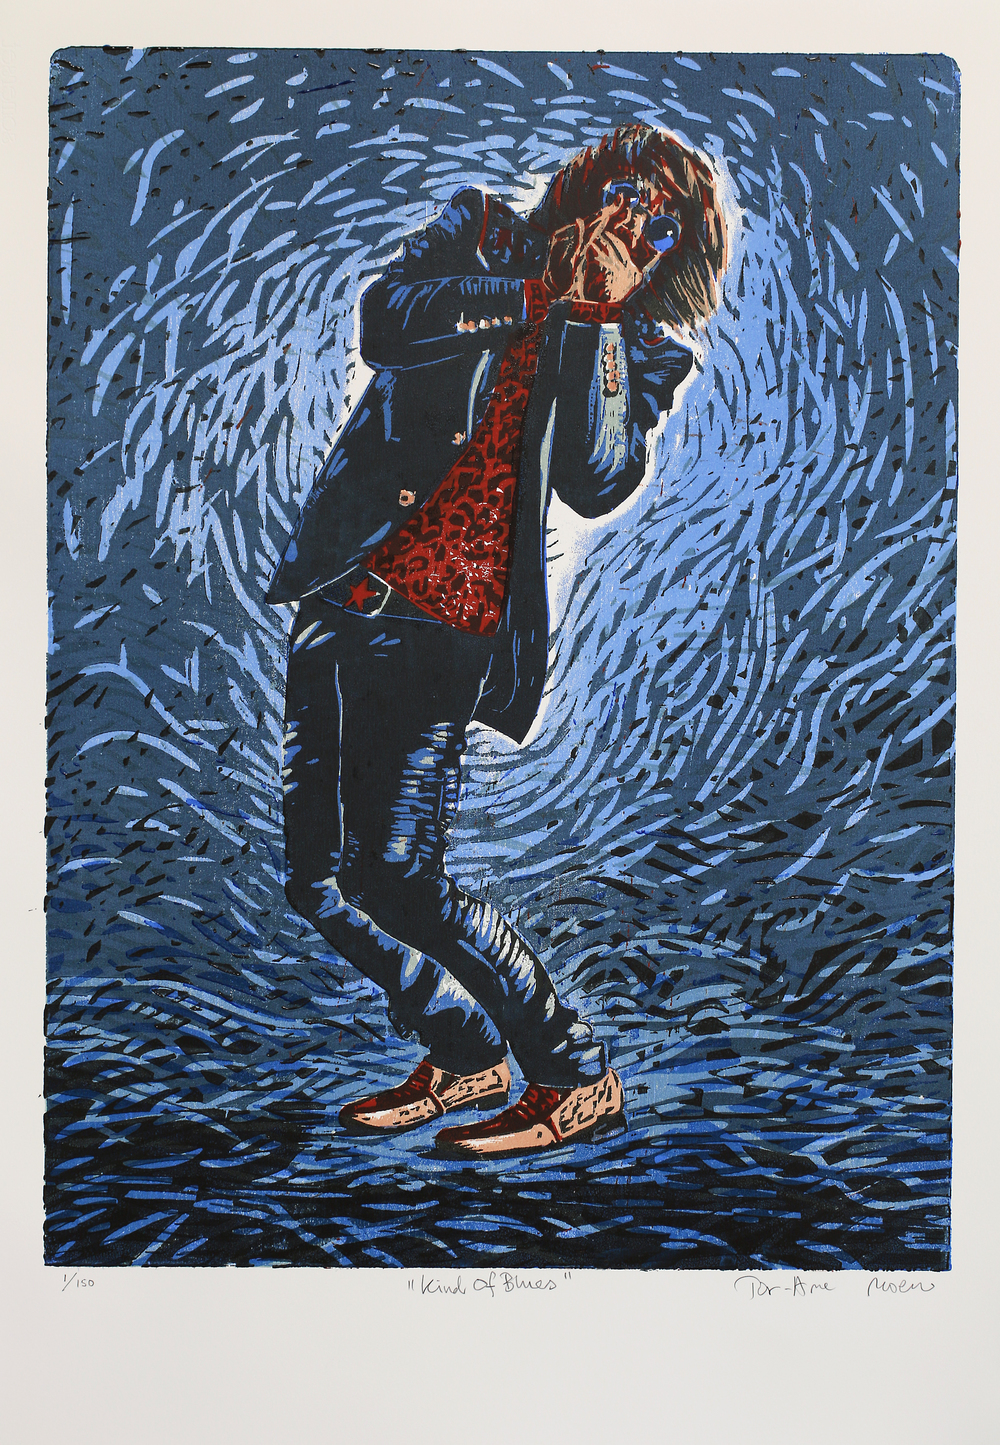 Kind Of Blues | kr. 5 300,- | Fargetresnitt med sju plater | 77x57 cm | 2016 | 150 eks.